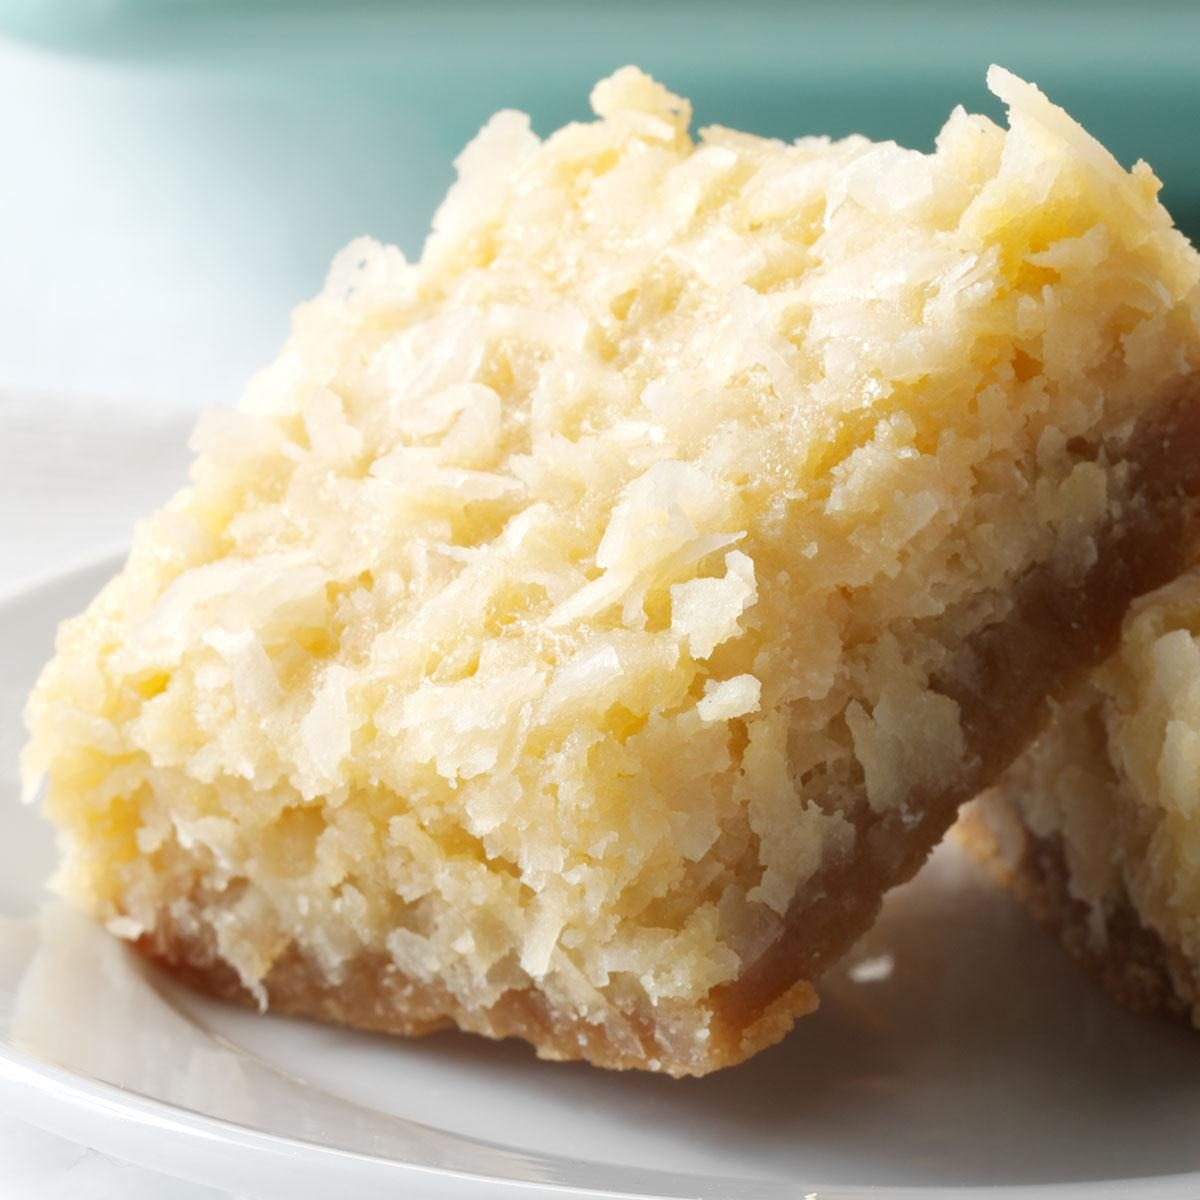 Cake Recipe Using Condensed Milk